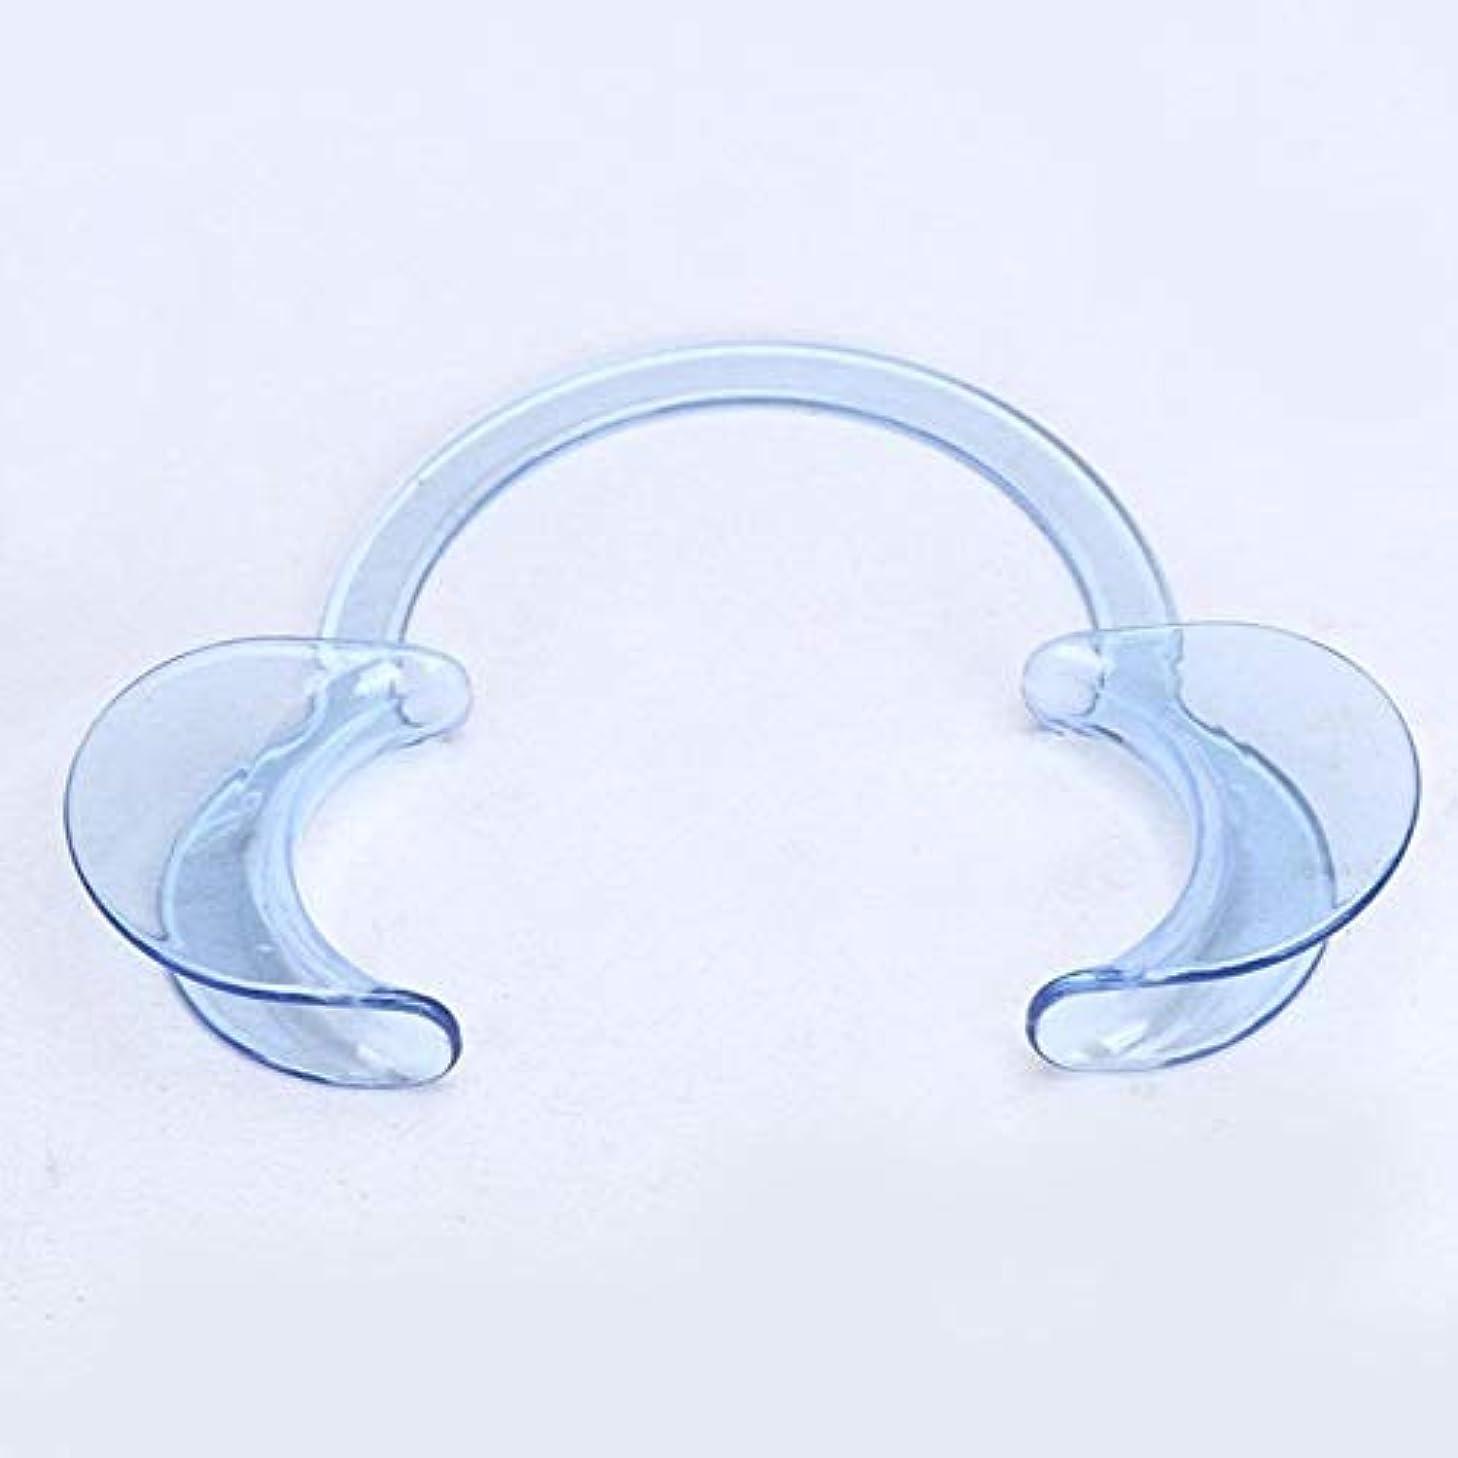 わな養う勝利したDC パック 歯科 C型 開口器 口オープナー マウスオープナー 開口マウスオープナー C型ホワイトニング口の開創器